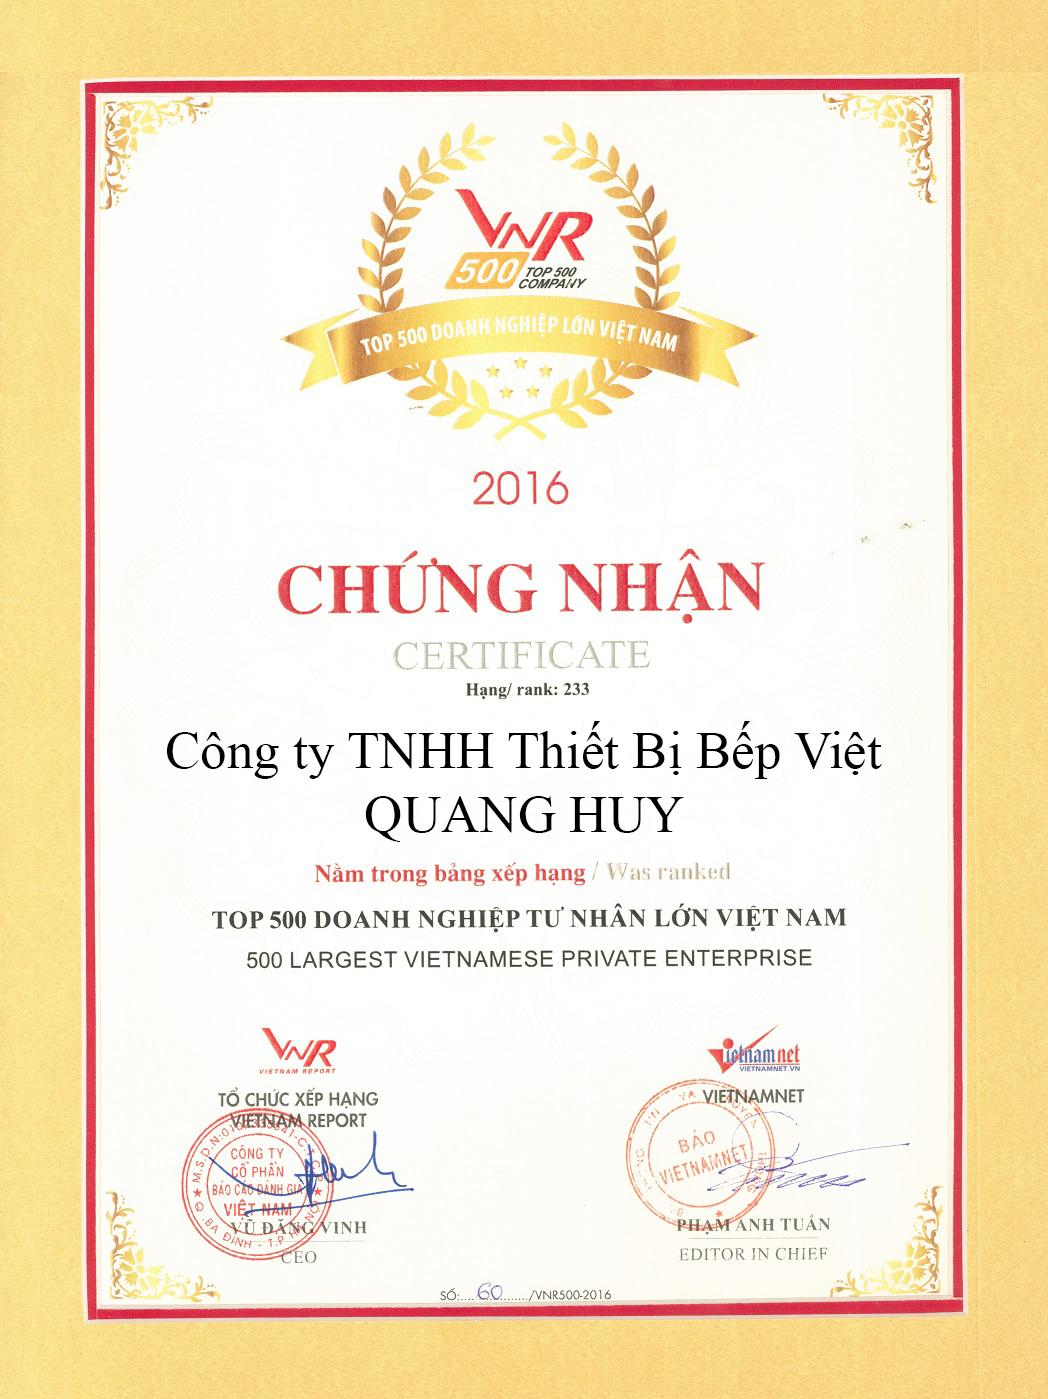 Những thành tựu đóng góp của Quang Huy luôn được công nhận